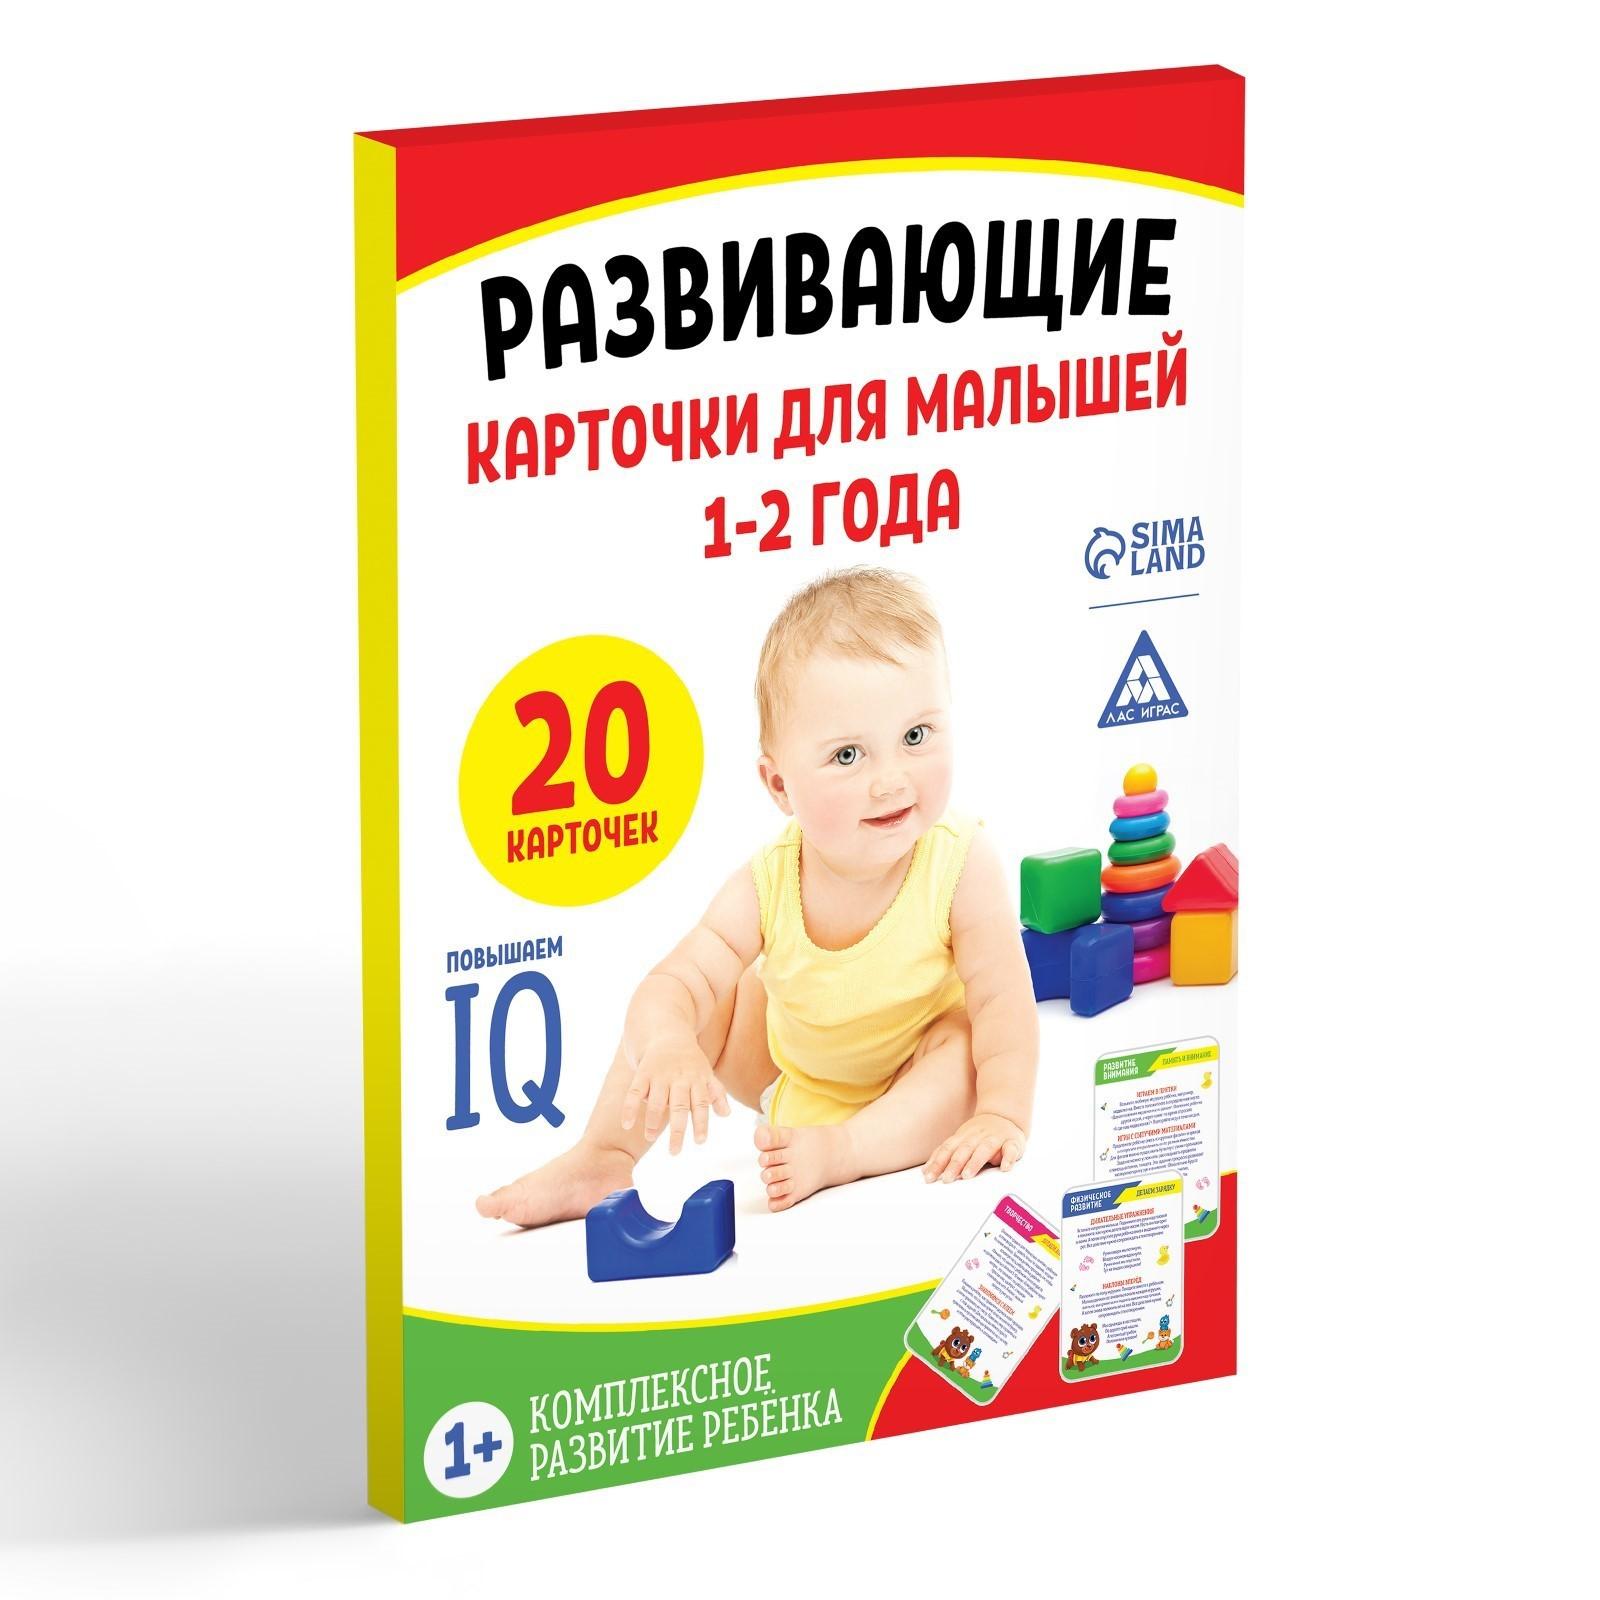 игры для комплексного развития малышей 1 2 года 2366044 купить